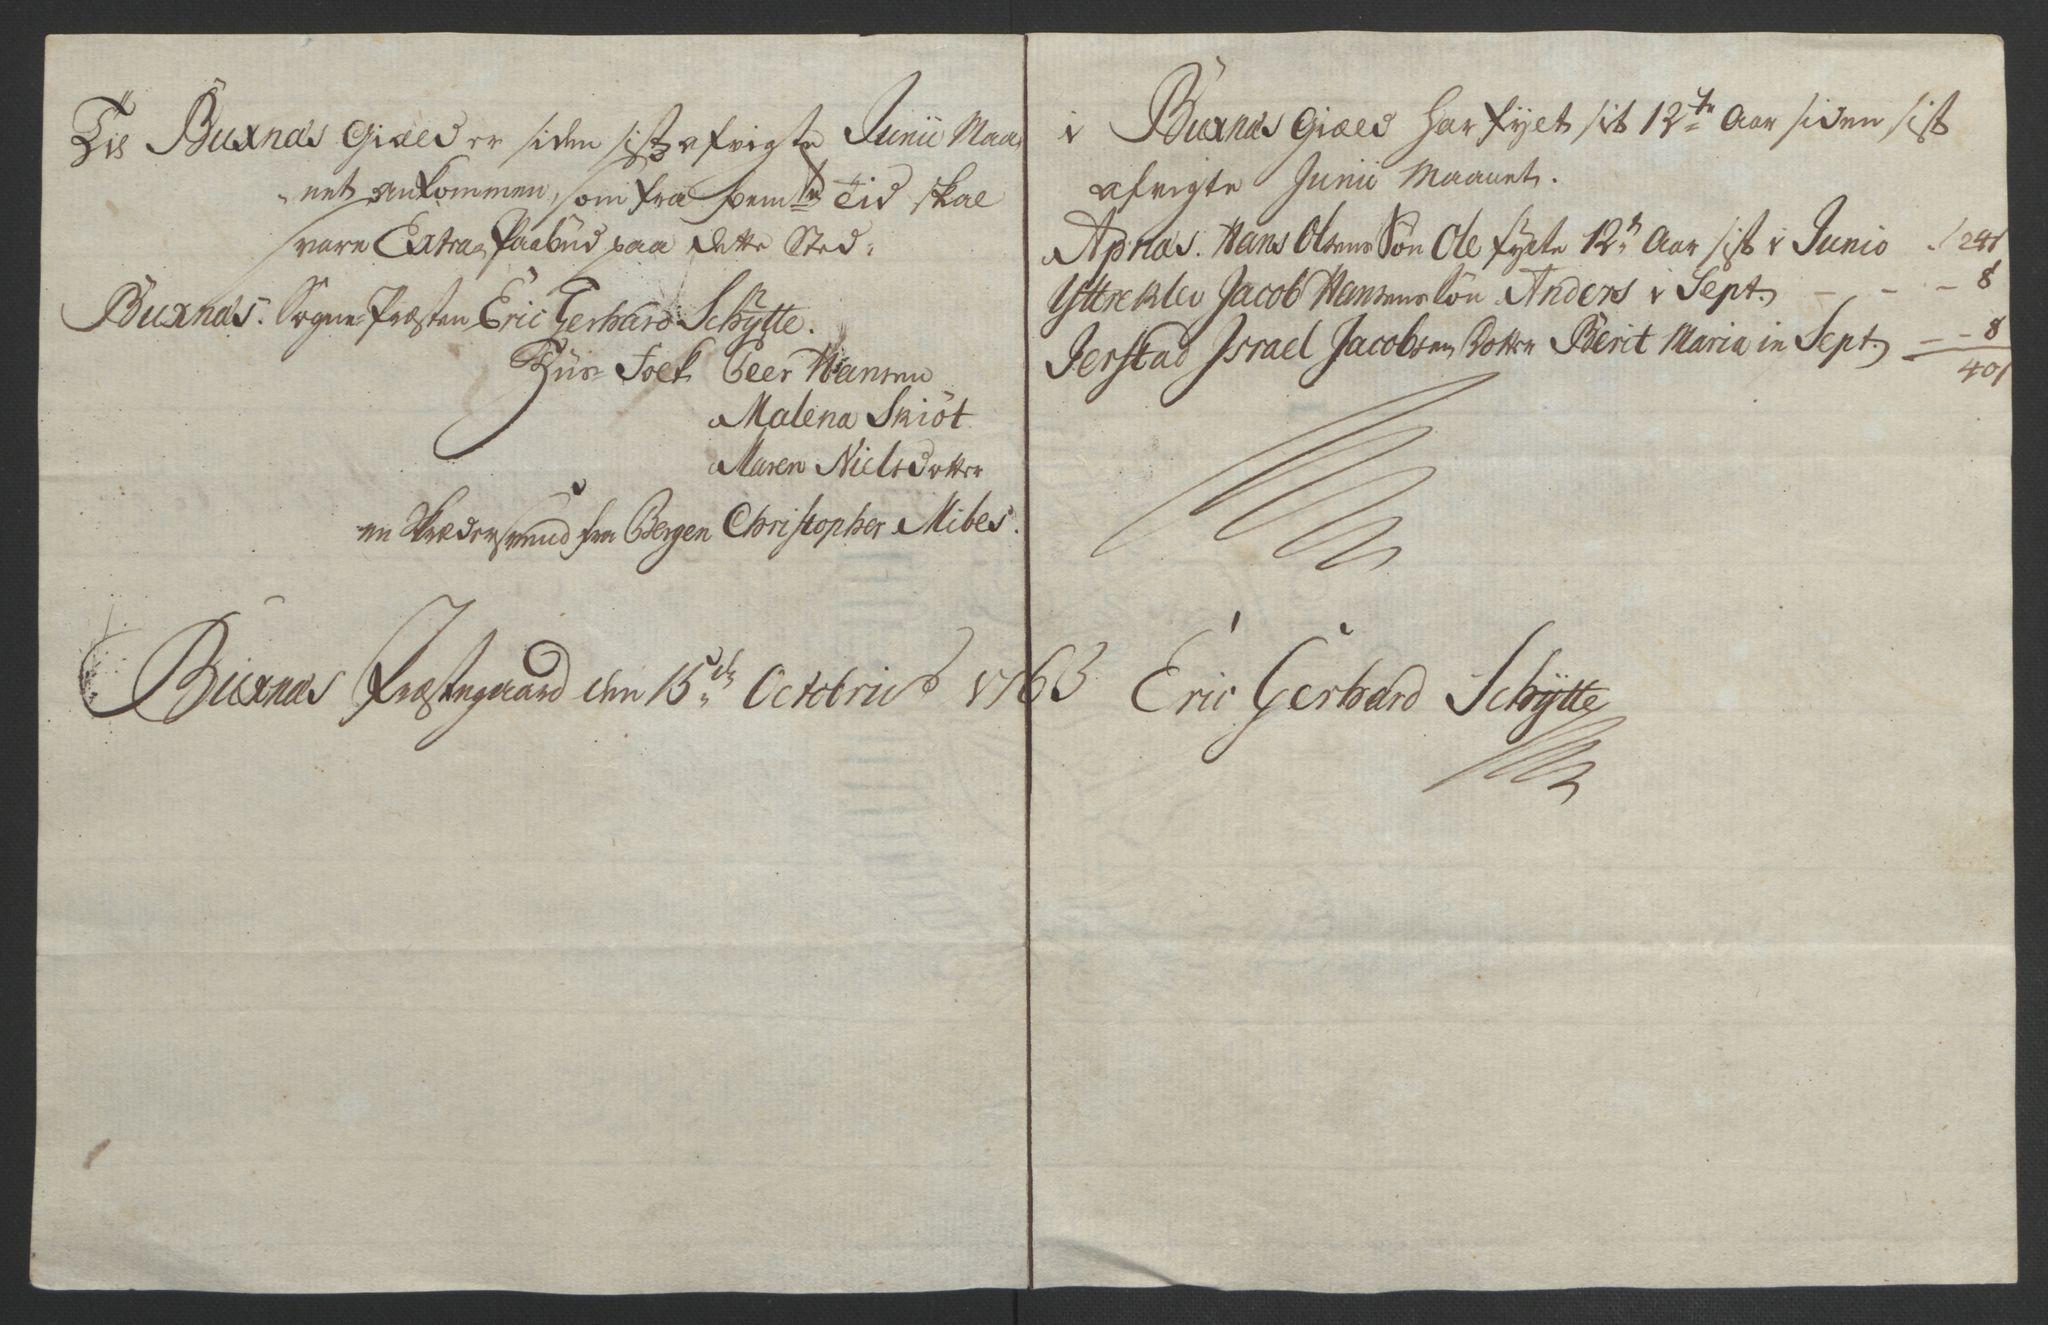 RA, Rentekammeret inntil 1814, Reviderte regnskaper, Fogderegnskap, R67/L4747: Ekstraskatten Vesterålen, Andenes og Lofoten, 1762-1766, s. 150